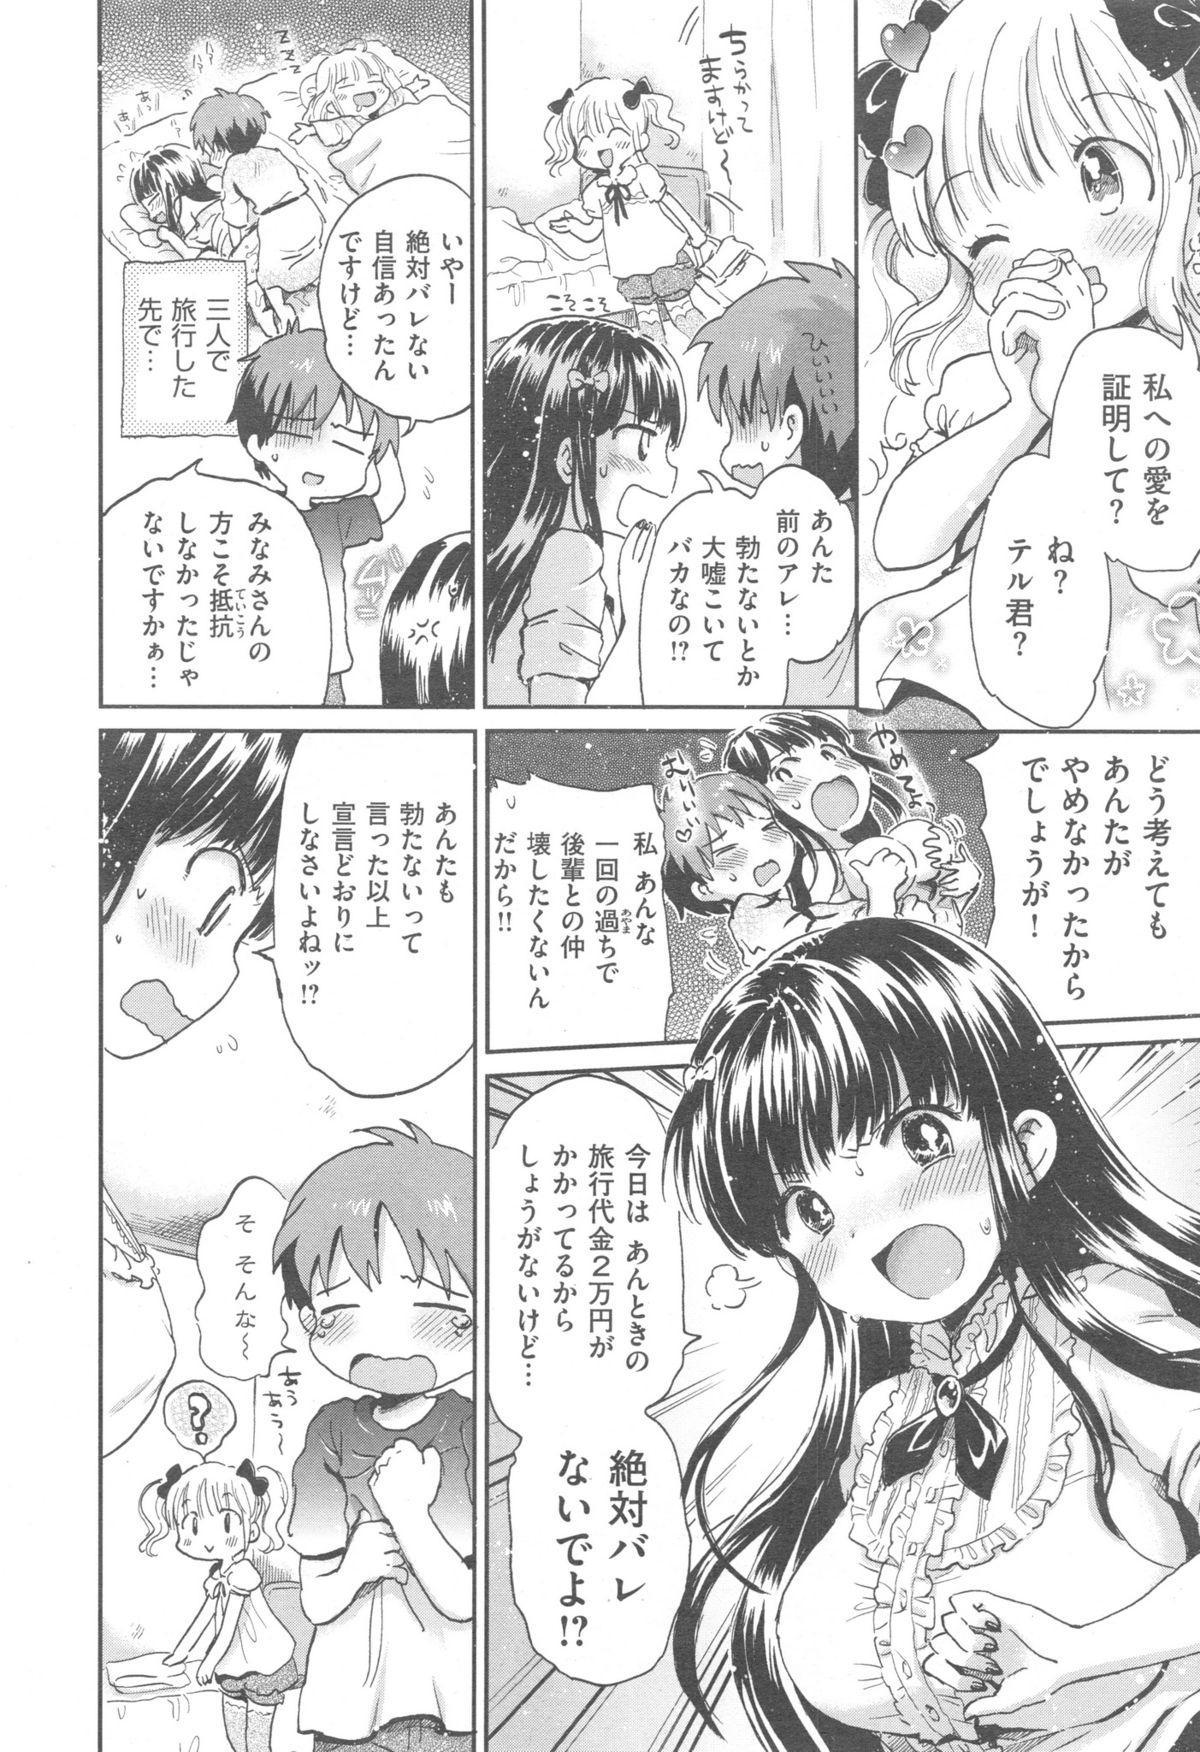 COMIC Kairakuten XTC Vol. 5 182